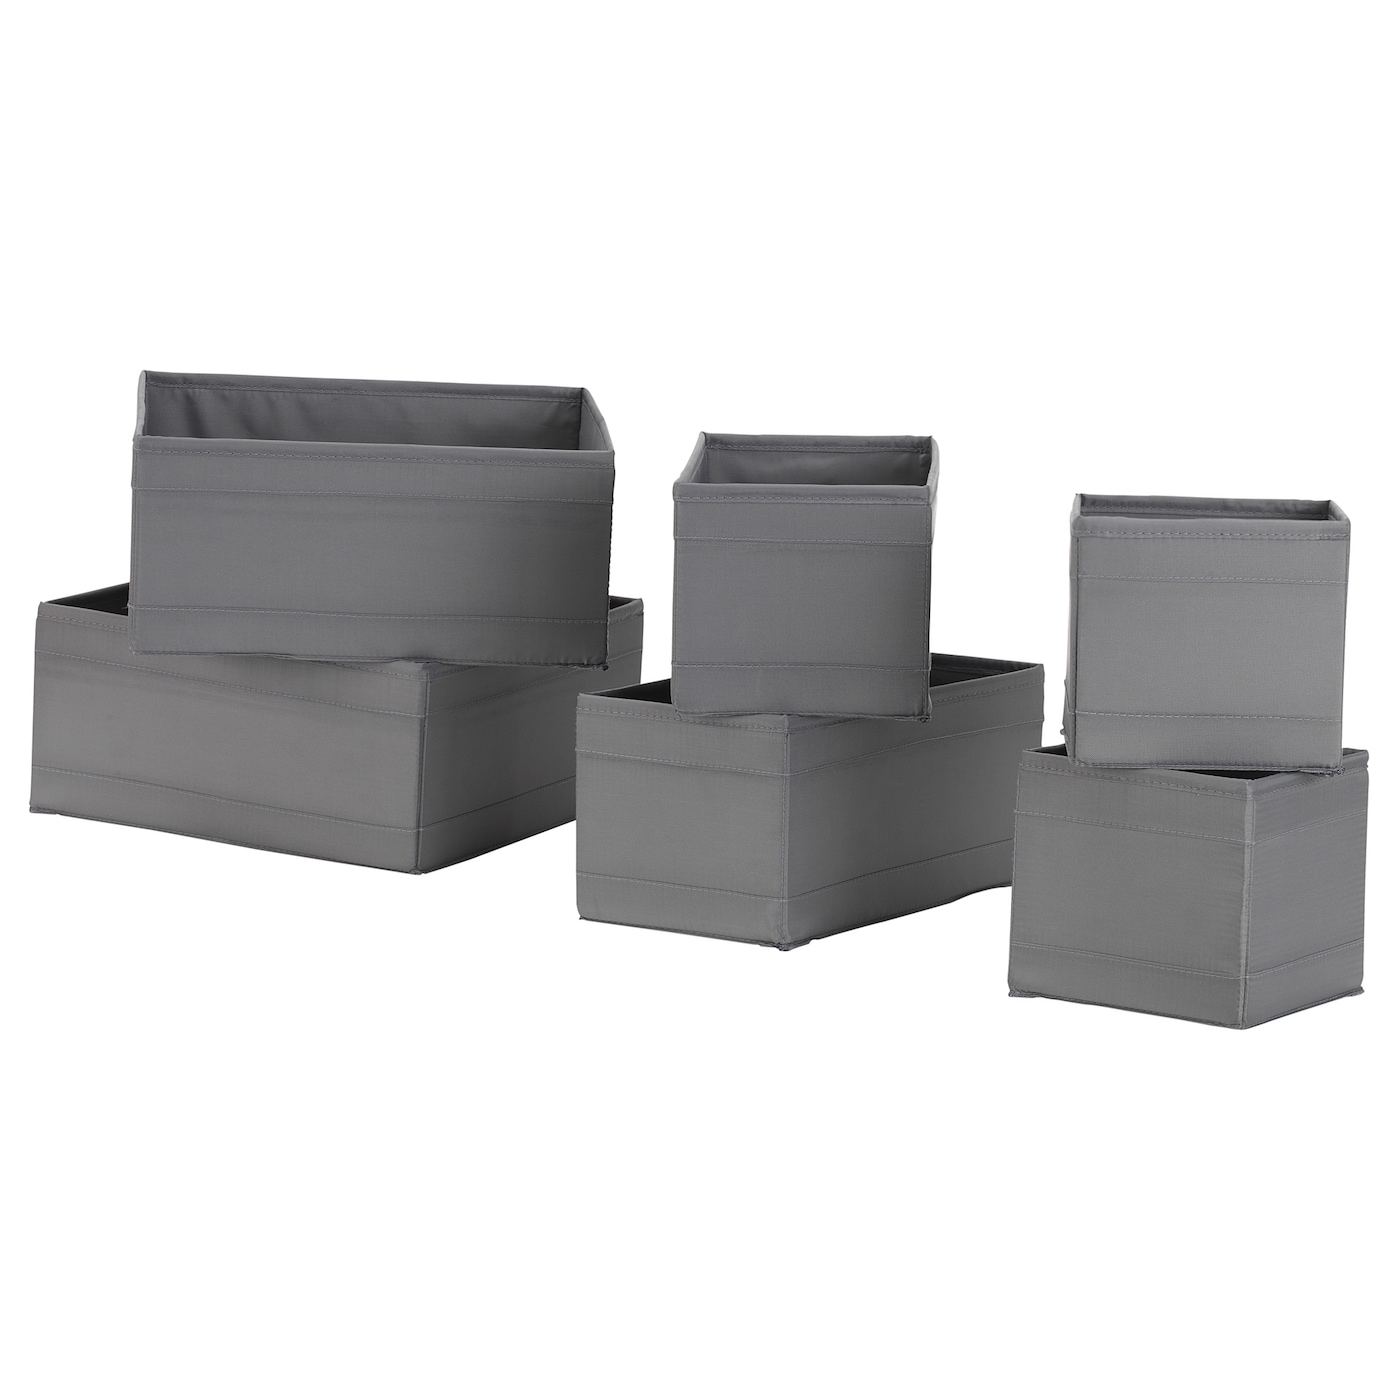 SKUBB СКУББ Коробка, набір із 6 шт. - темно-сірий